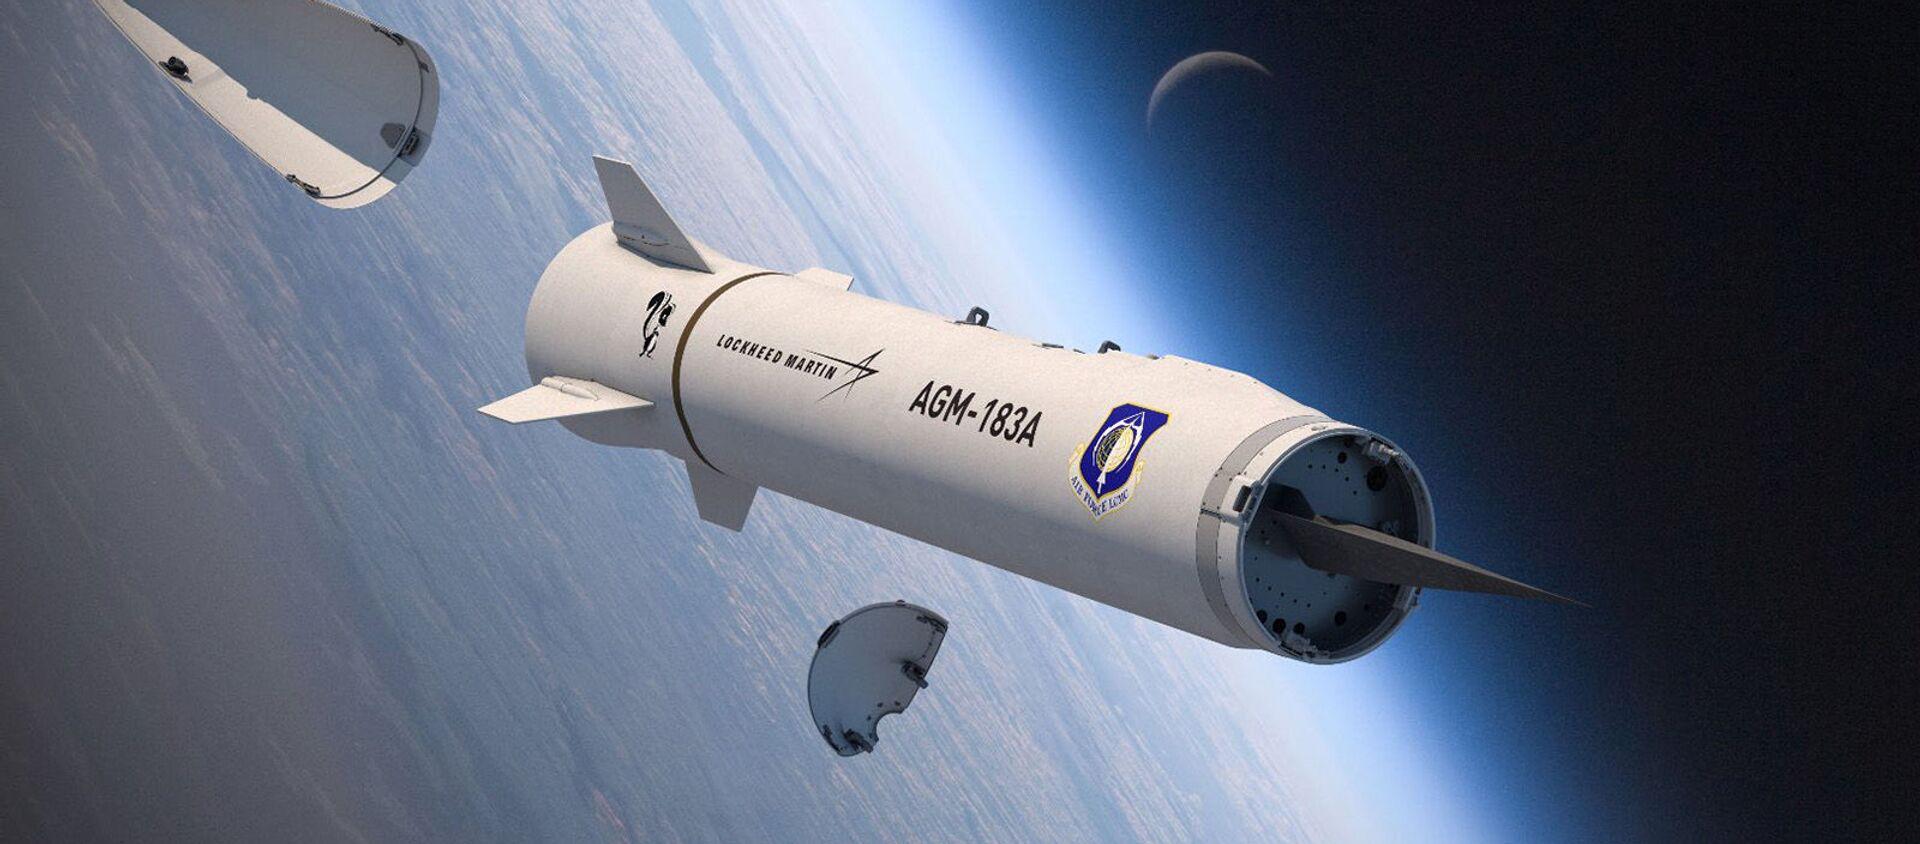 AGM-183A ARRW - tên lửa hành trình không đối đất siêu thanh - Sputnik Việt Nam, 1920, 07.04.2021